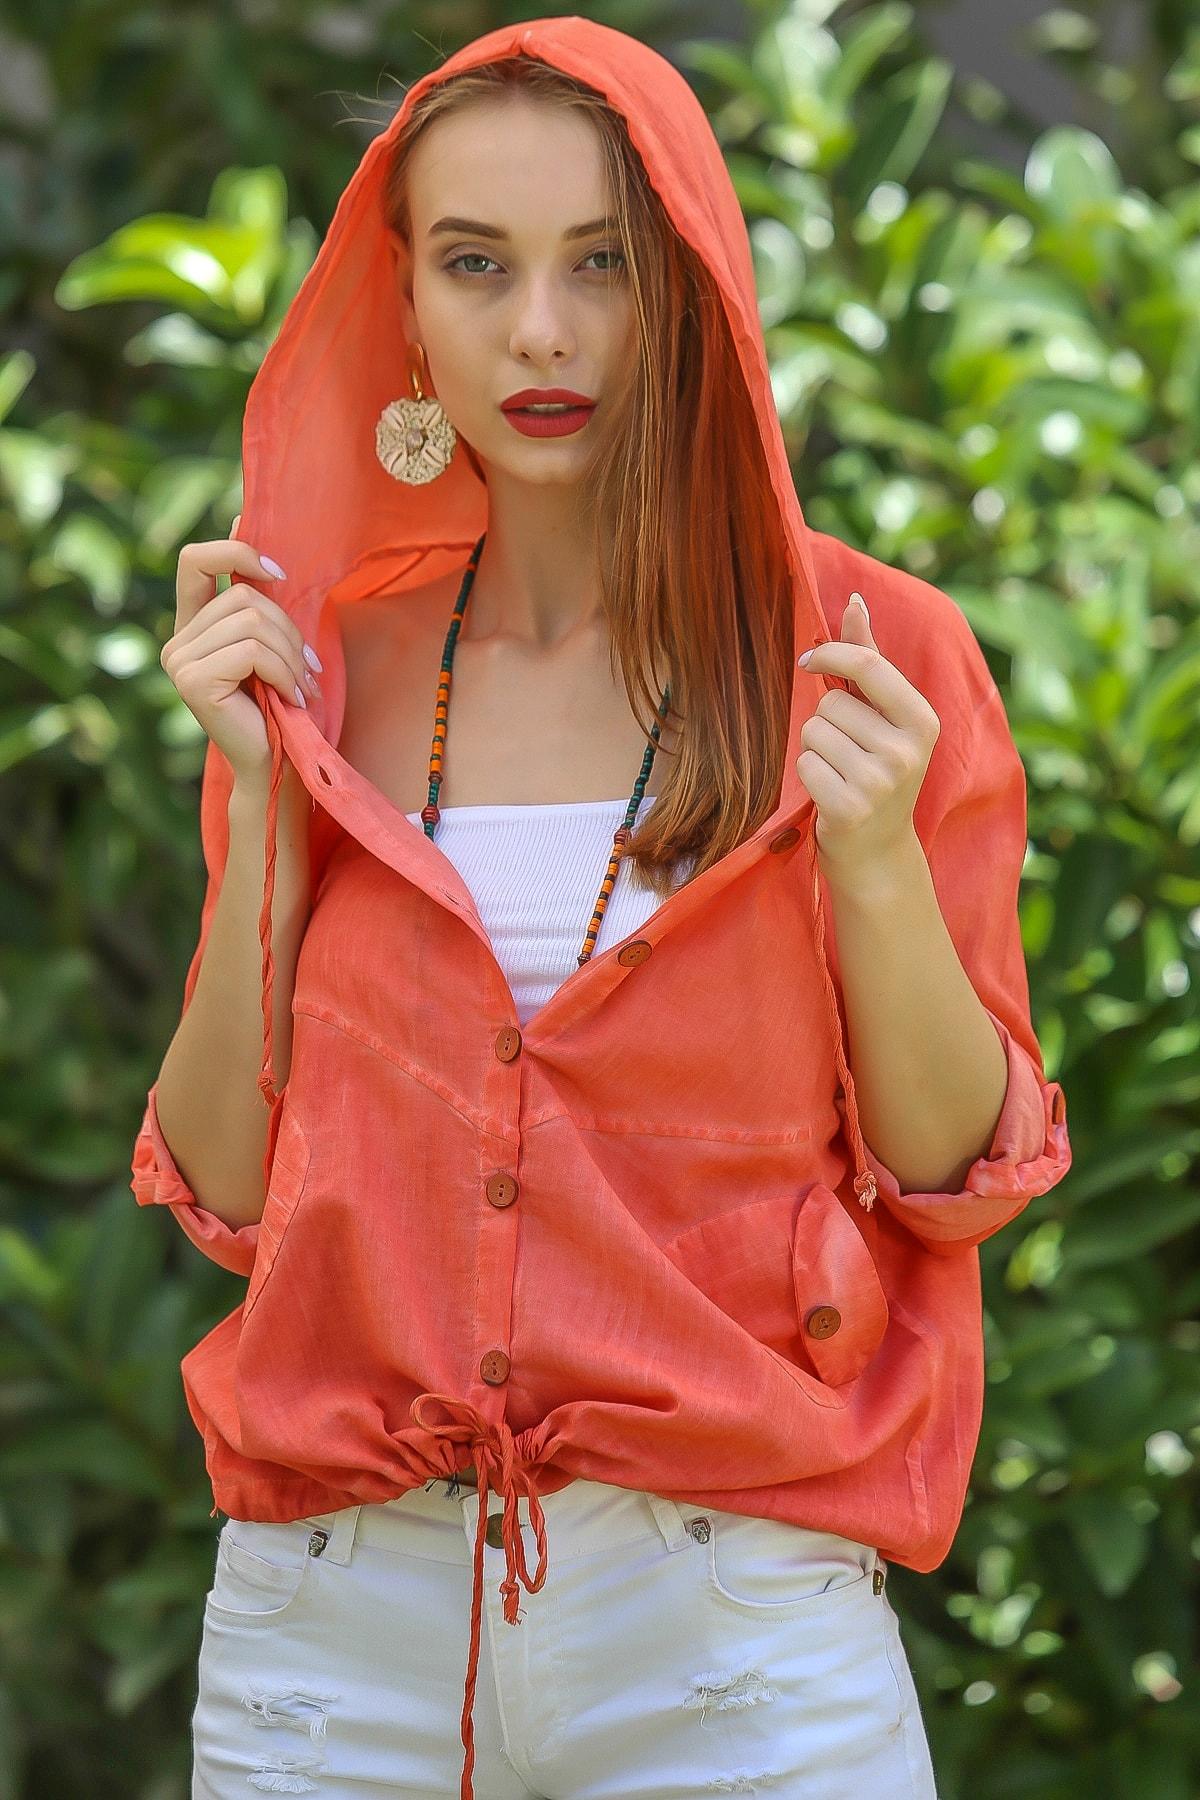 Chiccy Kadın Turuncu Casual Kapüşonlu Düğmeli Beli Ip Detaylı Büzgülü Yıkmalı Ceket M10210100Ce99339 2